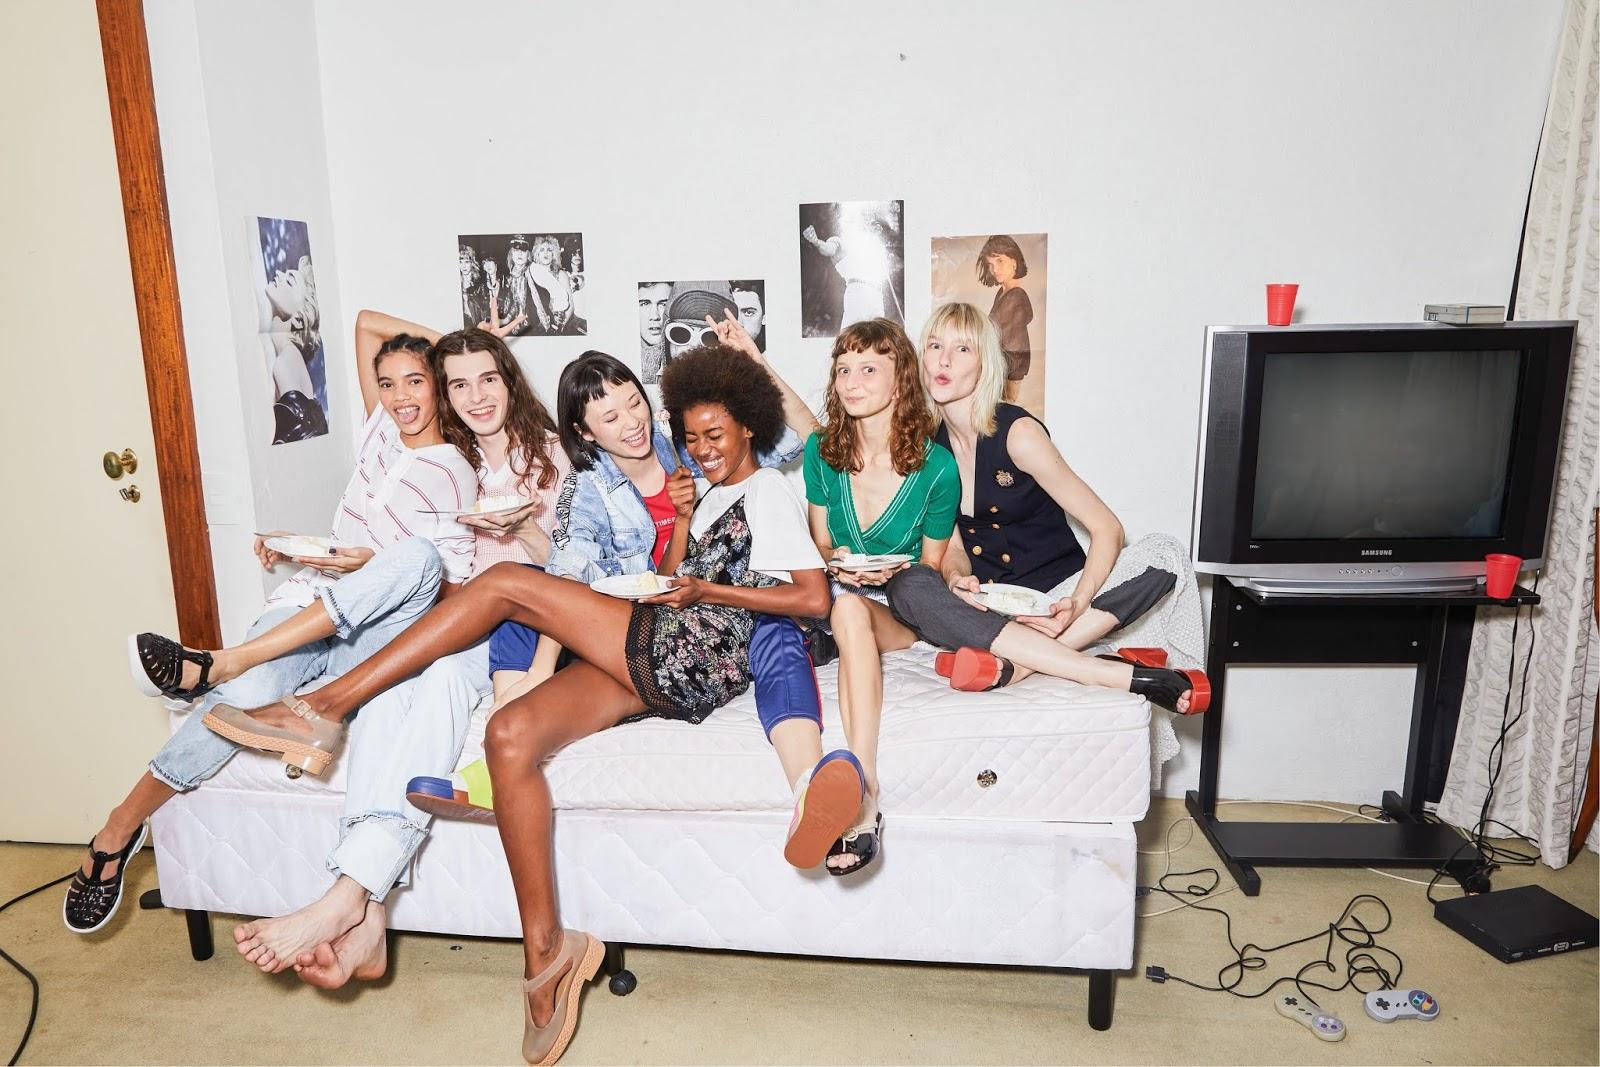 Clube Melissa apresenta Verão 2019 com ações especiais